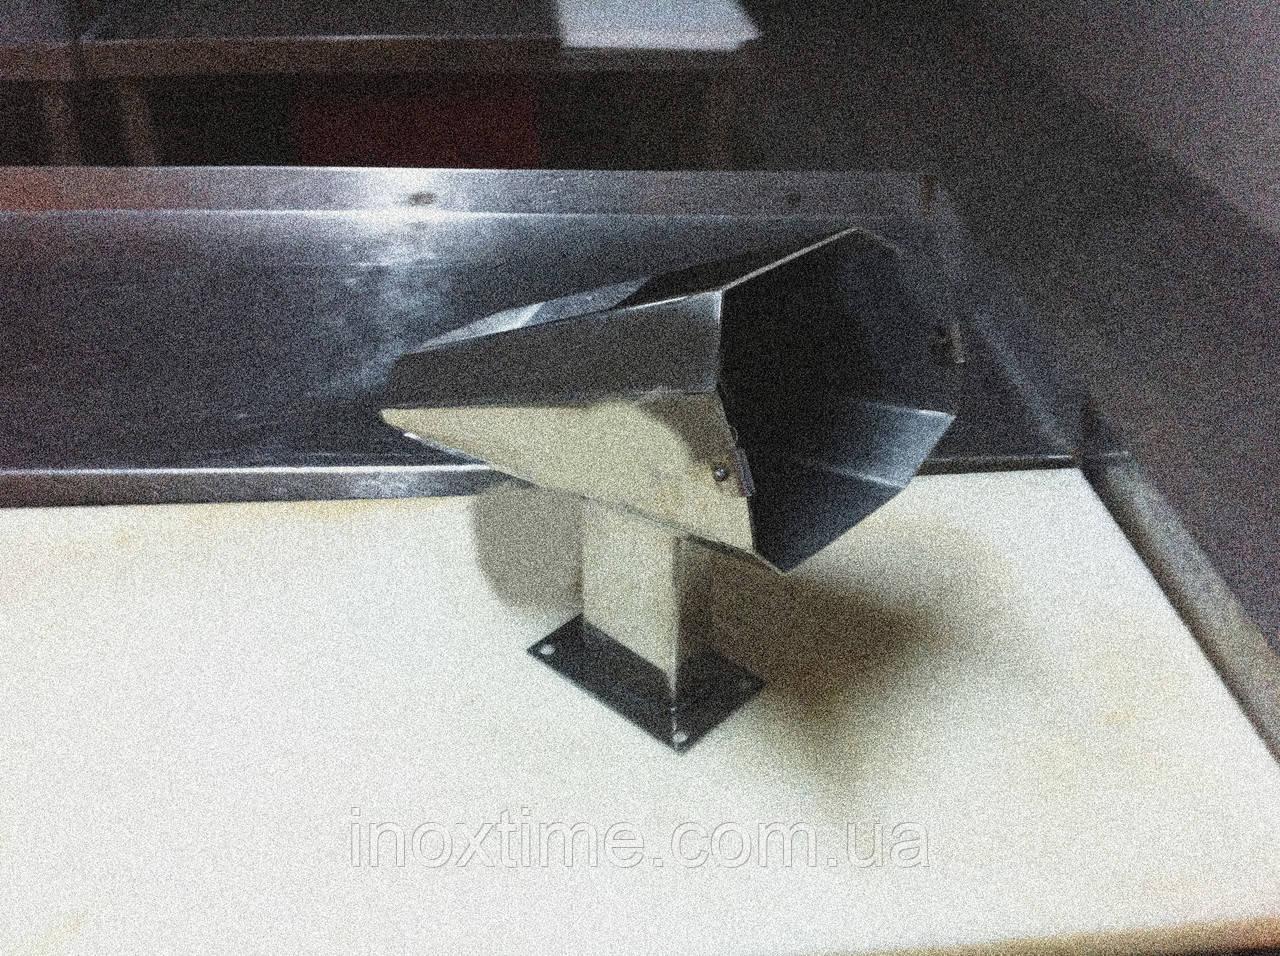 Воронка(конус) для упаковки птицы в пакеты